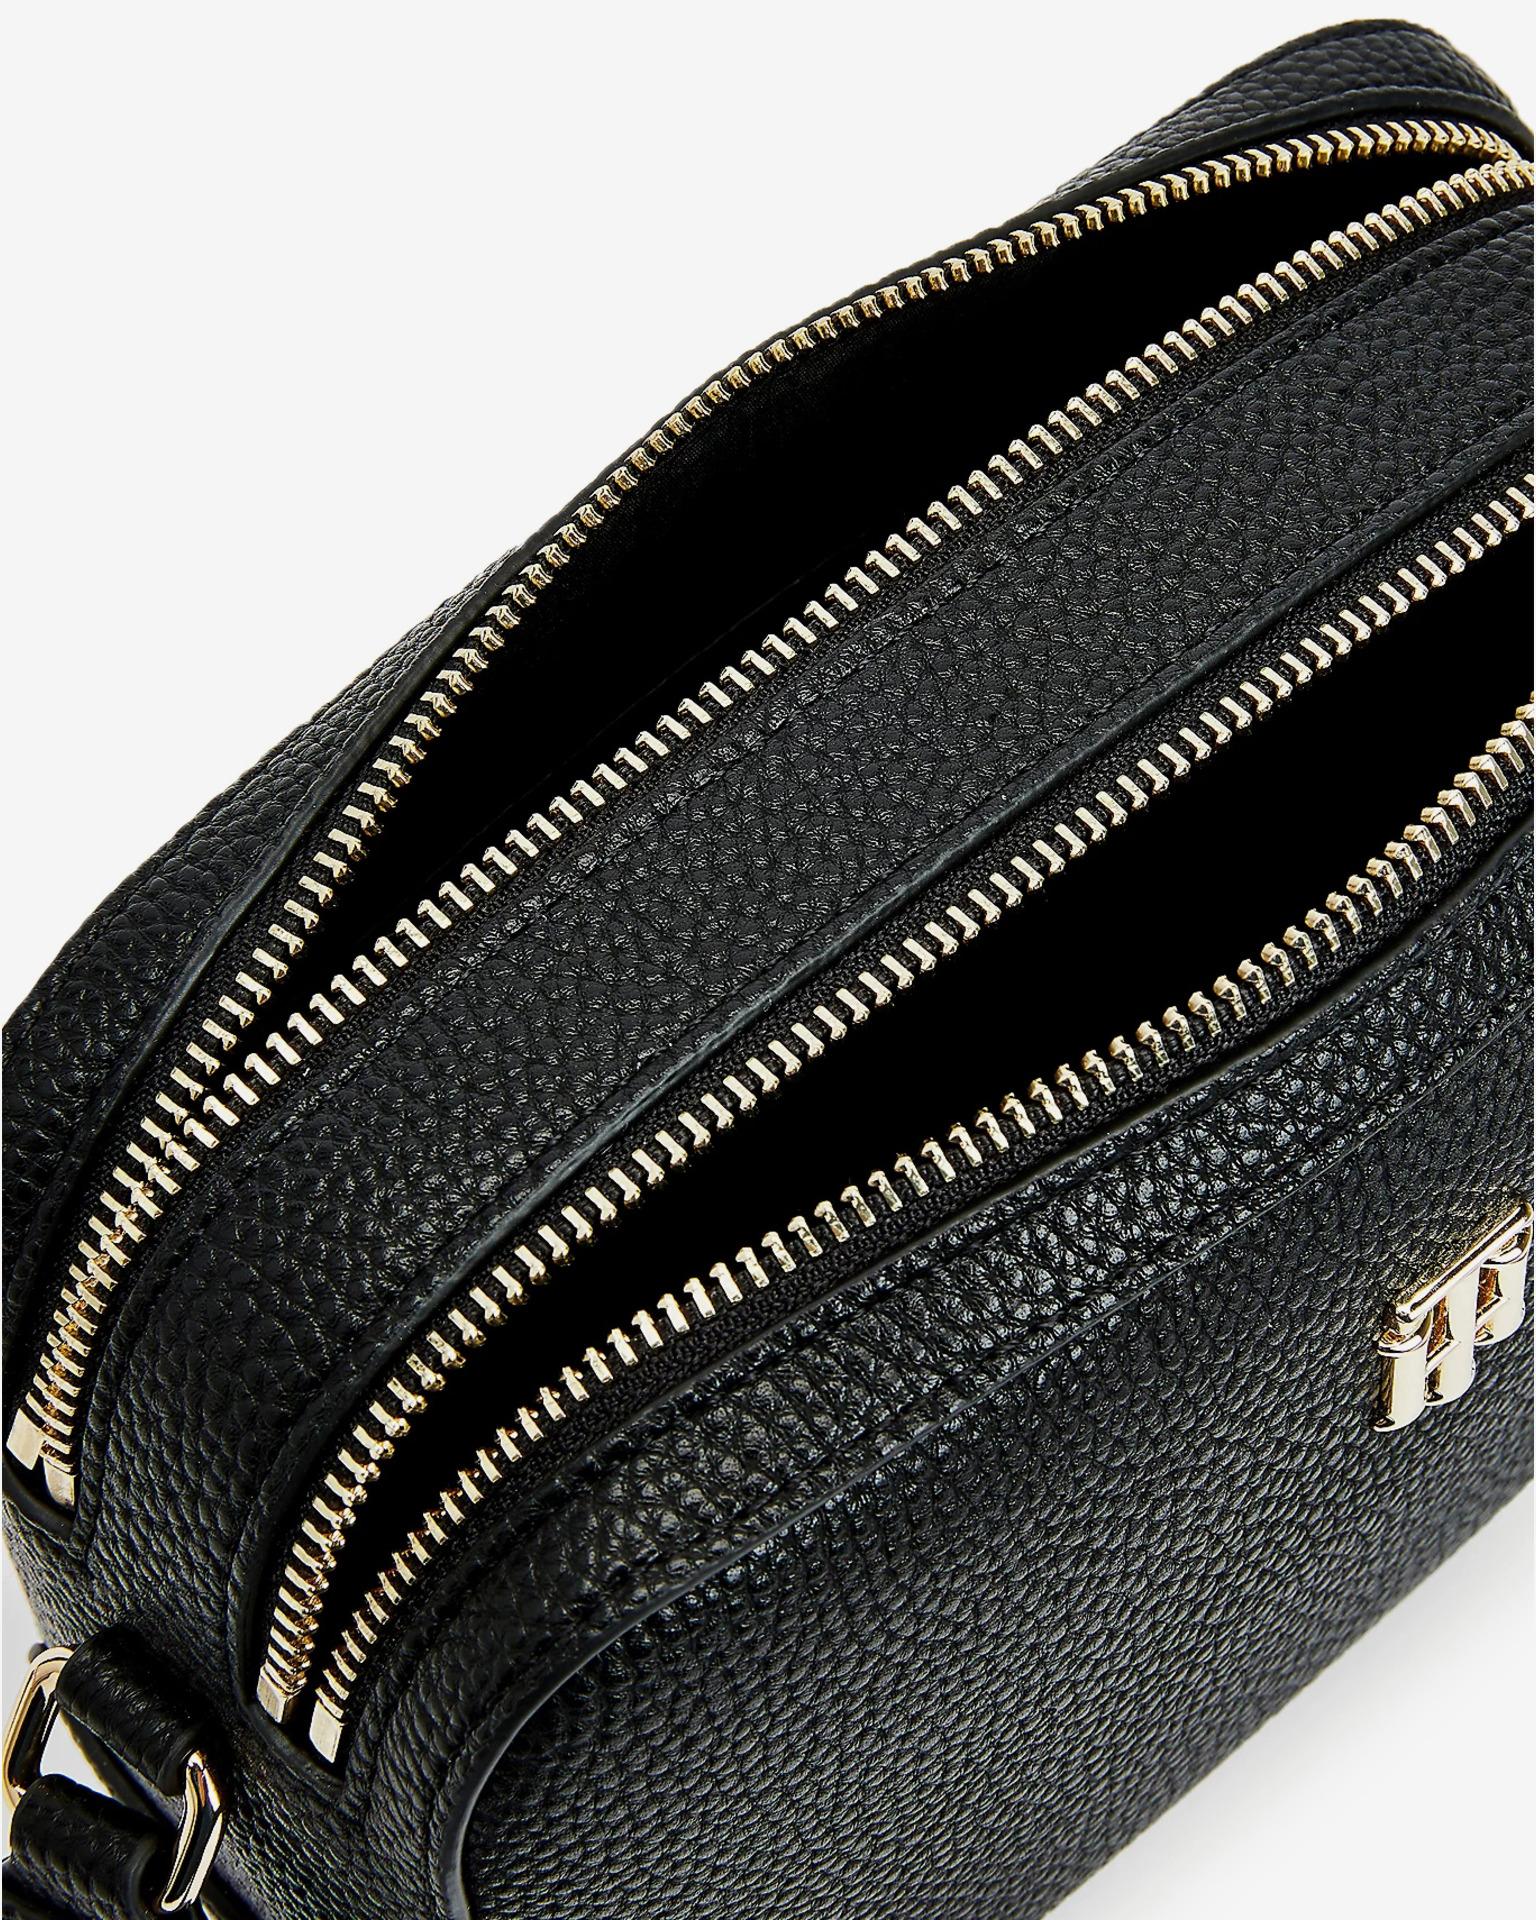 Tommy Hilfiger black crossbody handbag Essence Camera